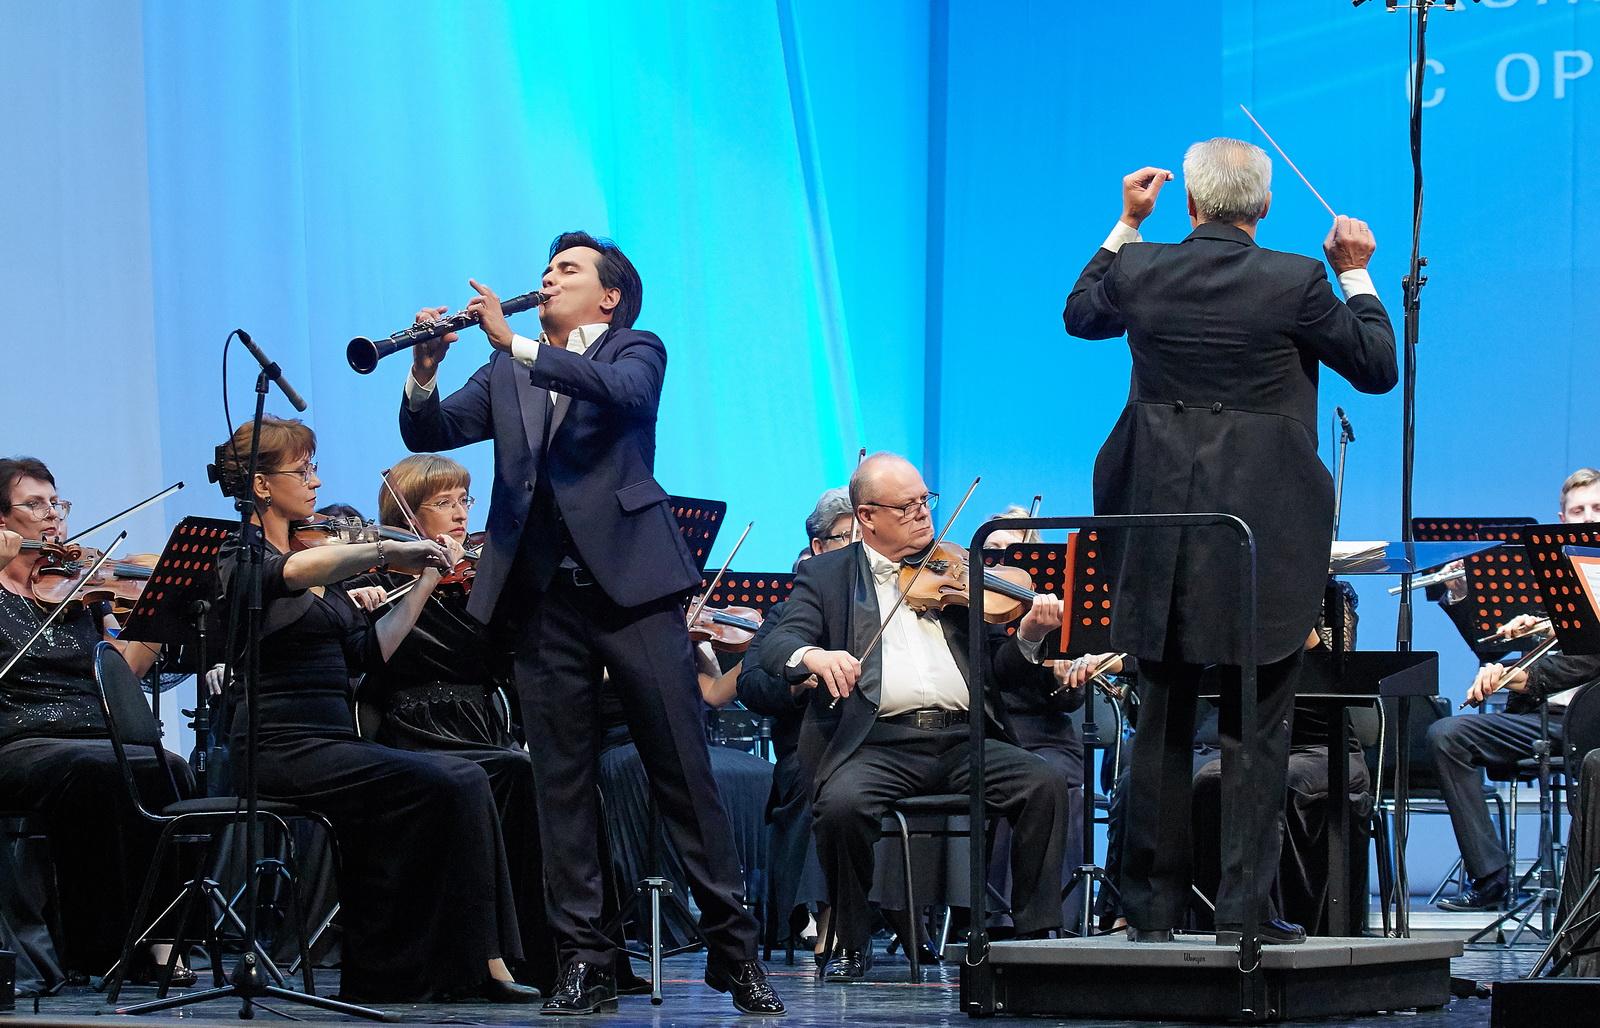 Закрытие концертного сезона Губернаторского симфонического оркестра. Солист Артур Назиуллин (кларнет)